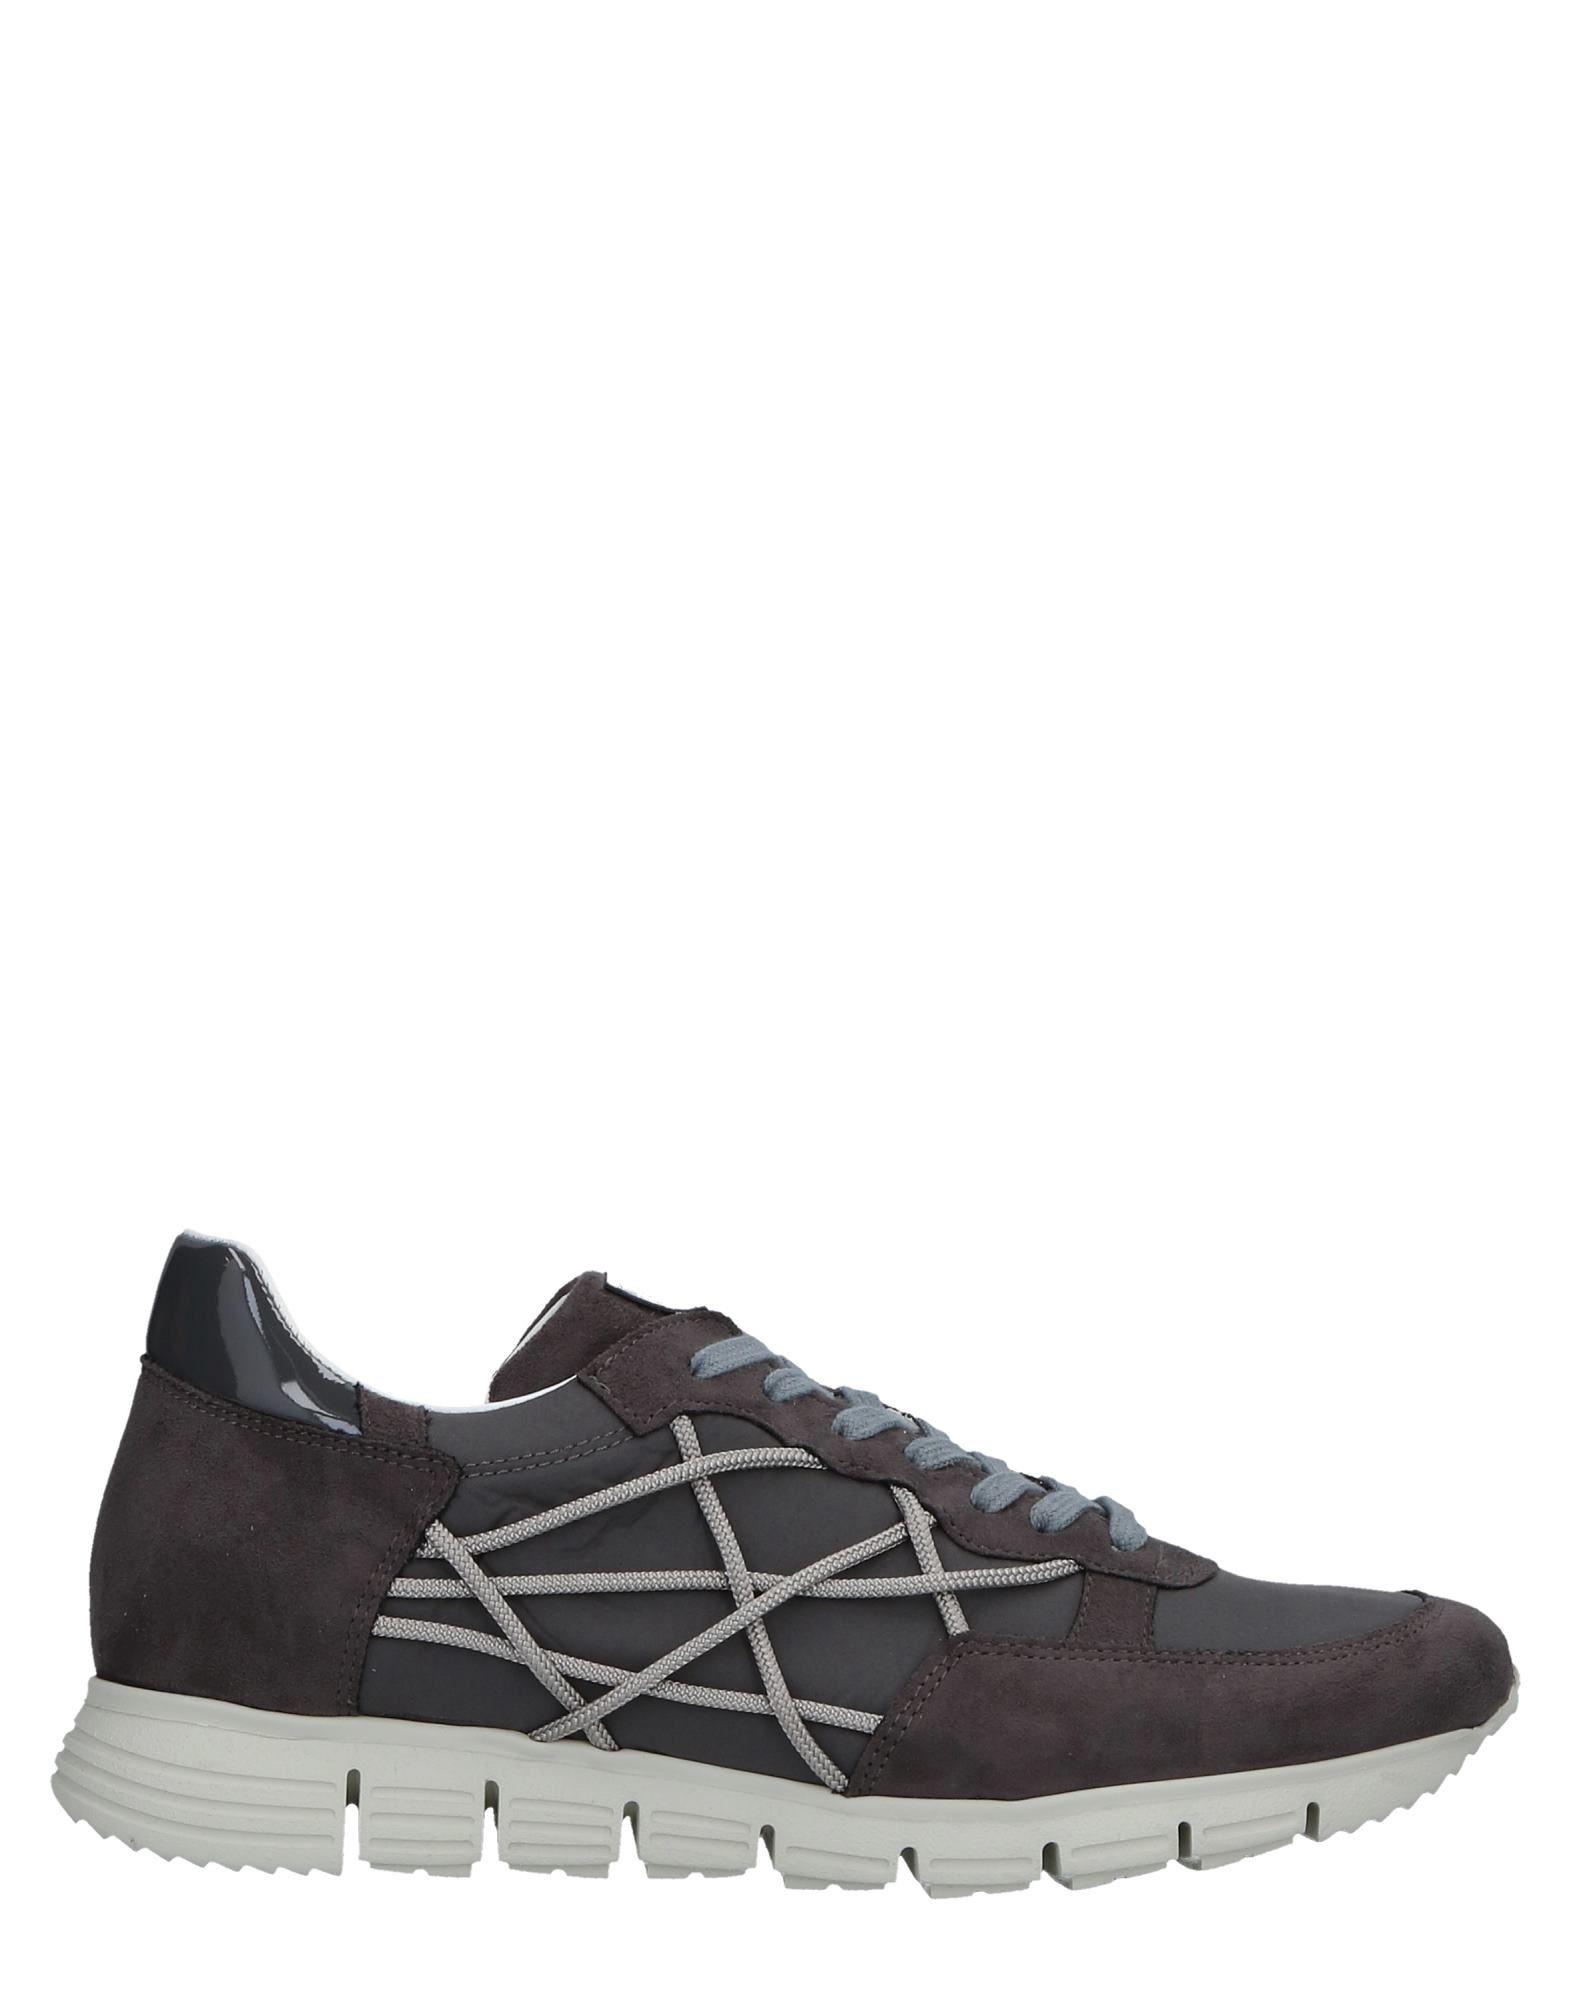 Rabatt echte Schuhe L4k3 Sneakers Herren  11512557LV